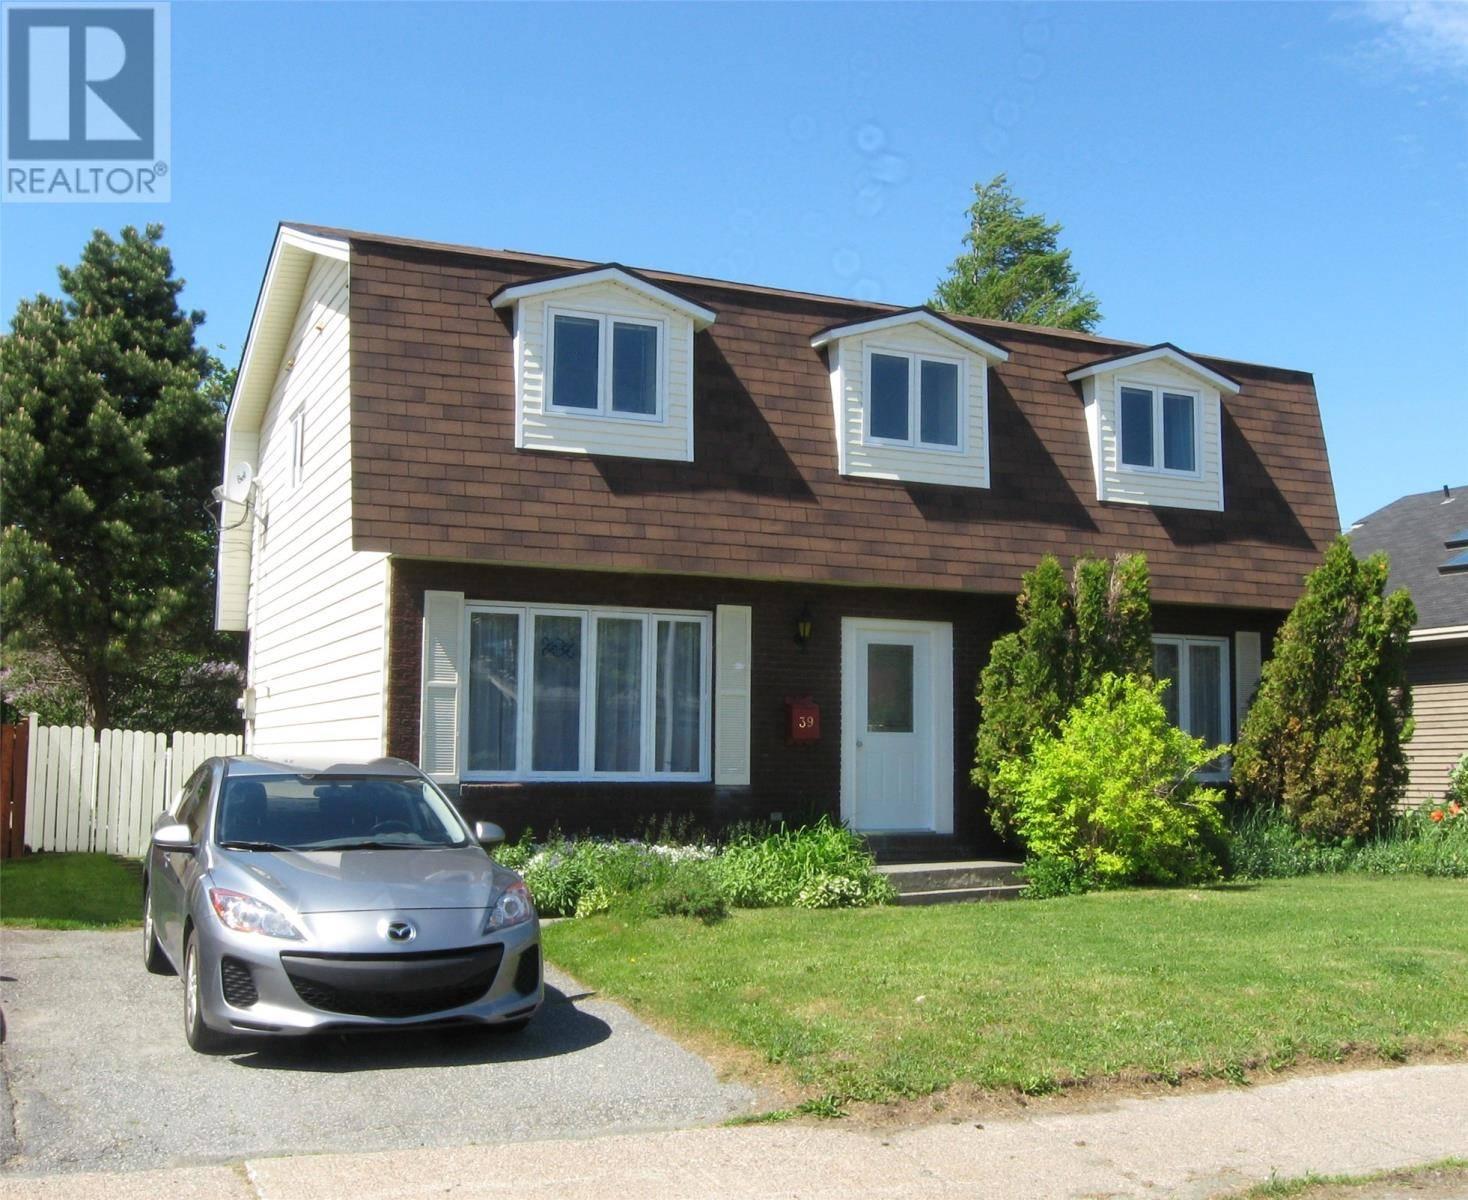 House for sale at 39 Jasper St St. John's Newfoundland - MLS: 1206947